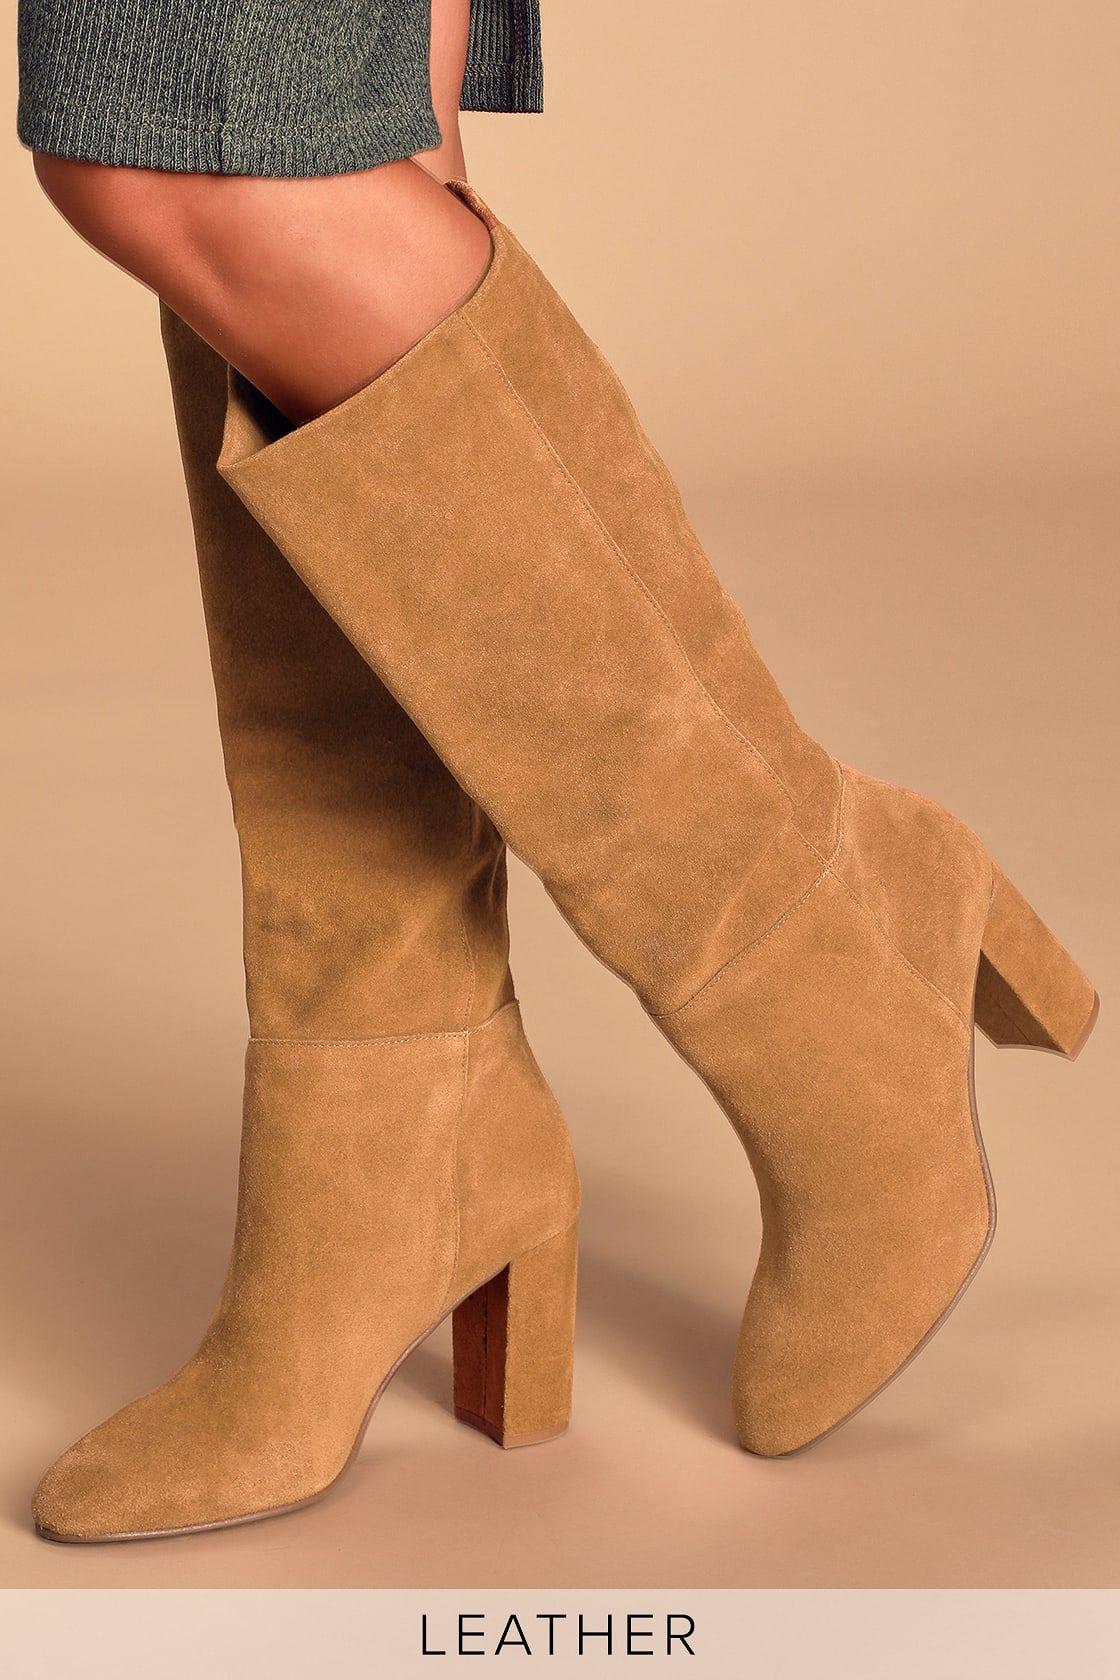 Krafty Honey Brown Suede Leather Knee High Boots Boots Womens Suede Boots Knee High Leather Boots